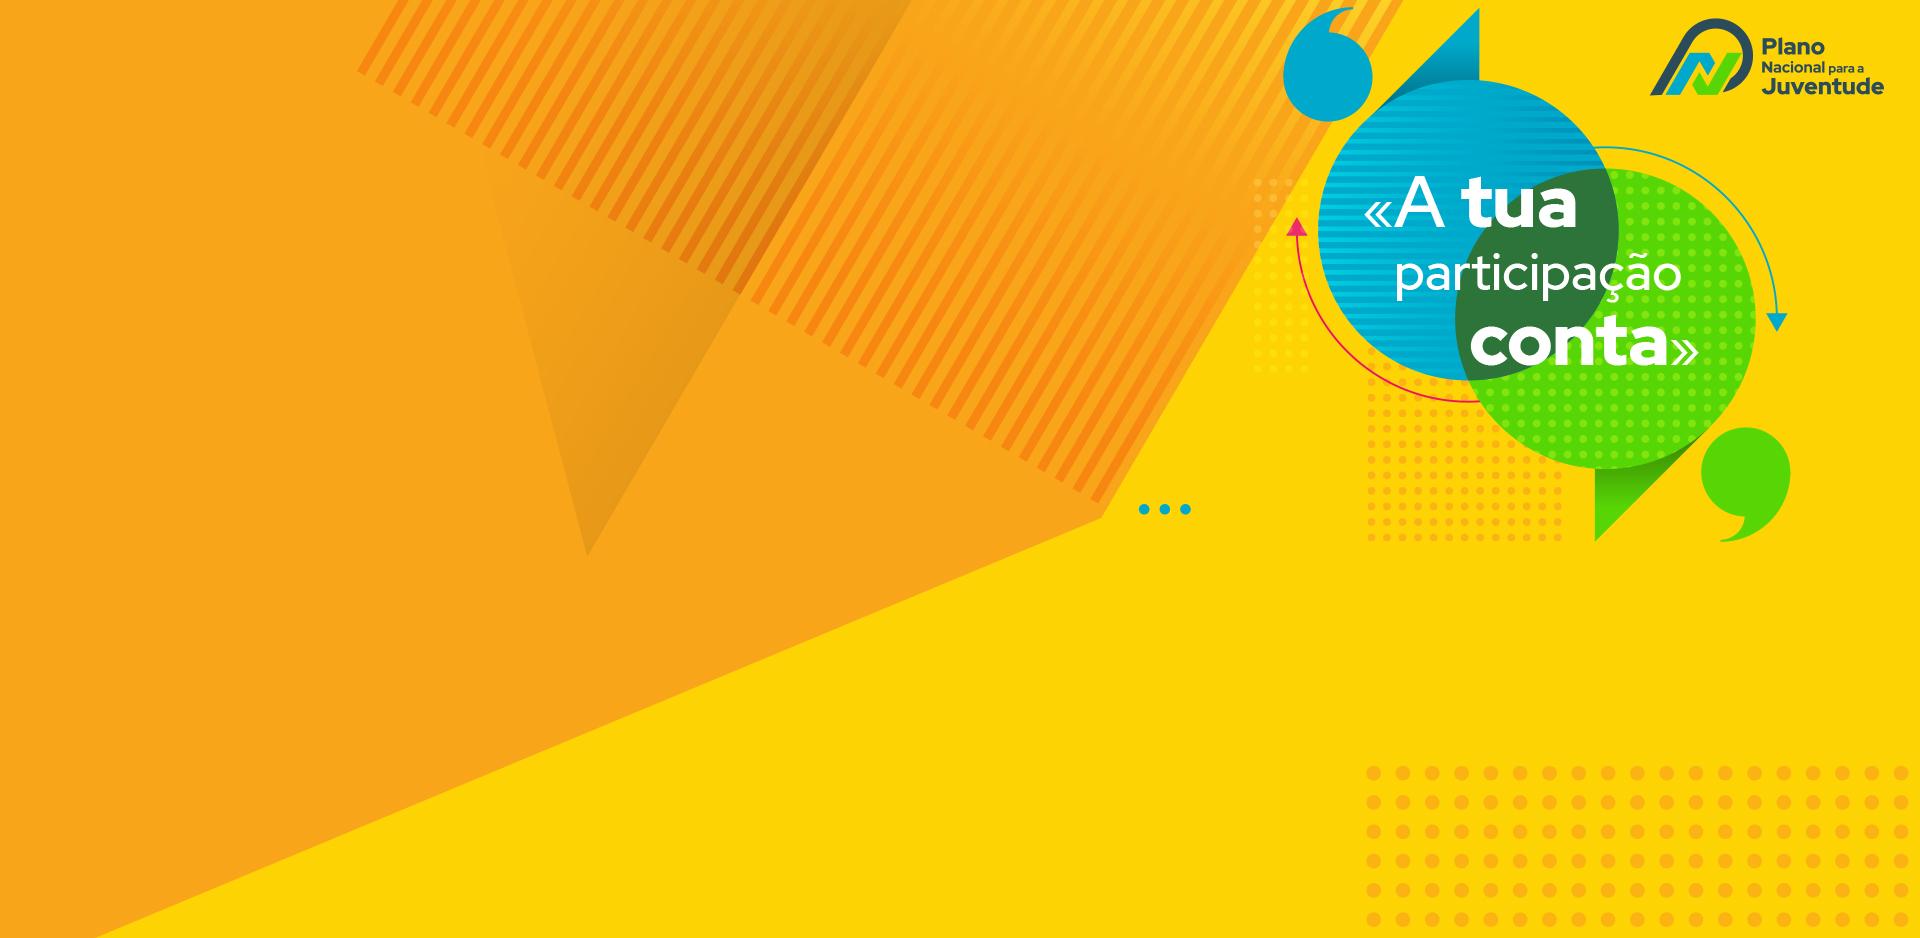 logotipo do segundo pnj composto pela interseção de dois balões de fala